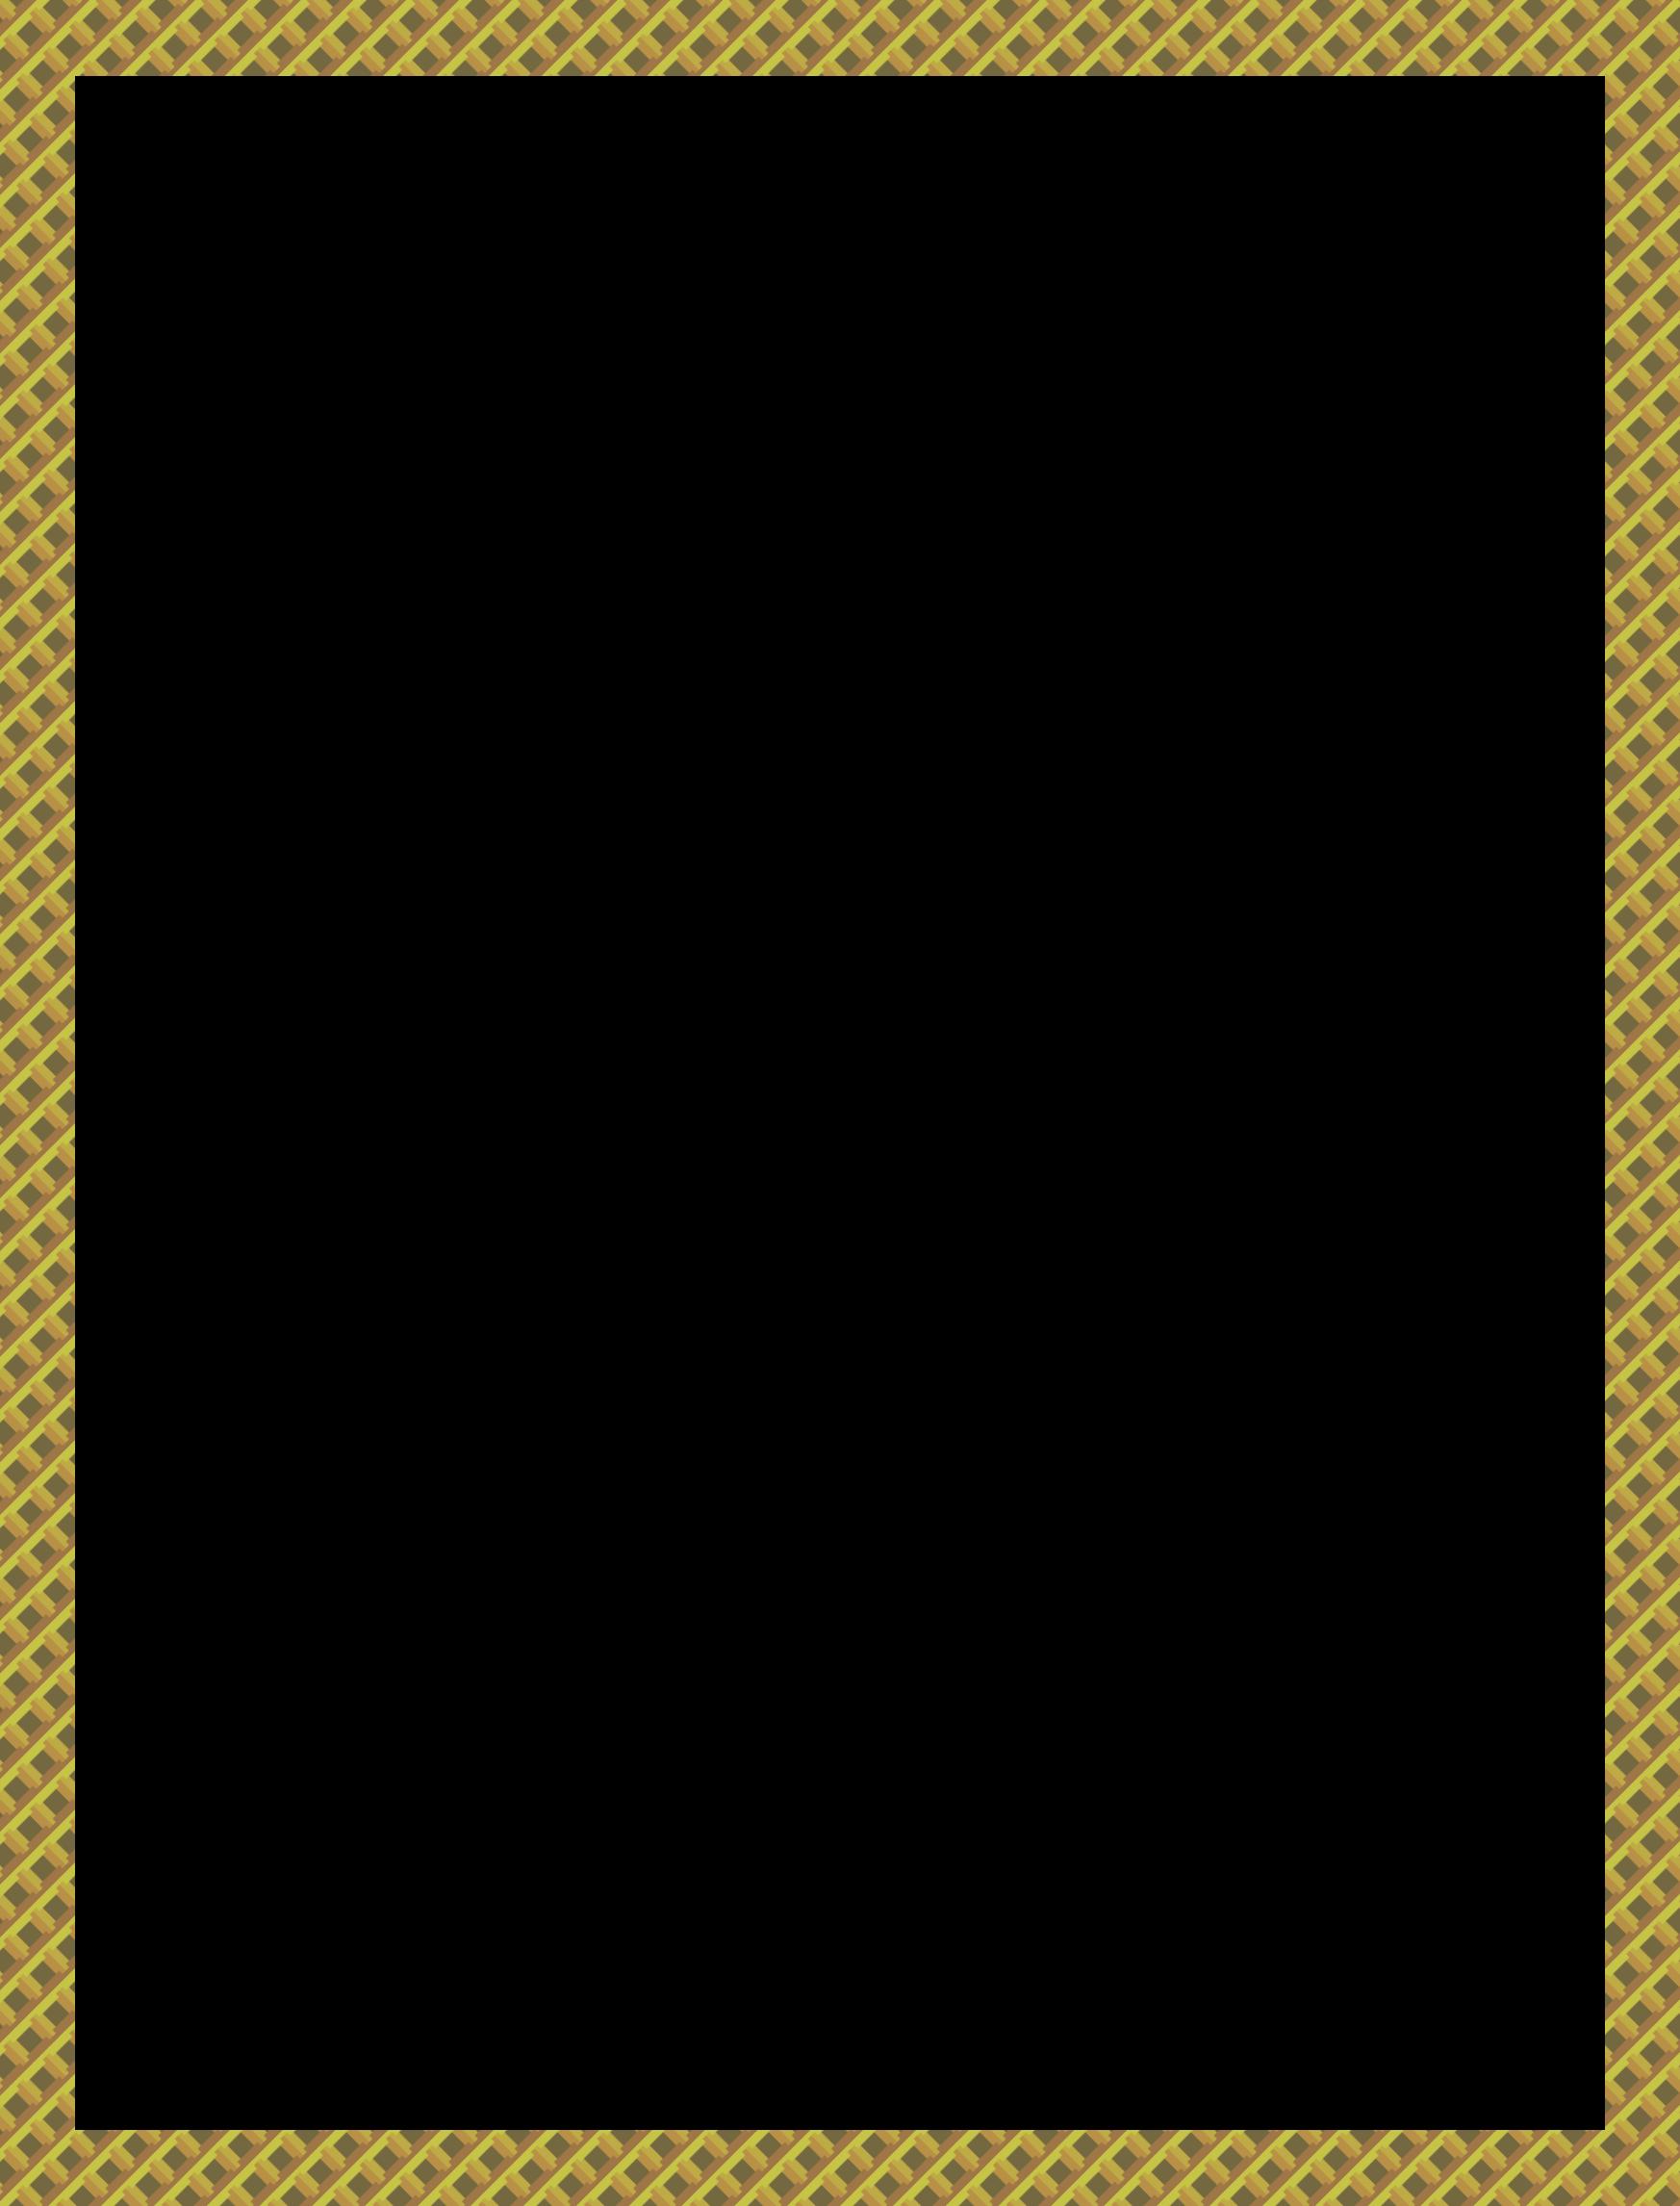 Honeycomb border clipart png transparent download Honeycomb Clipart Border - Pattern , Transparent Cartoon - Jing.fm png transparent download